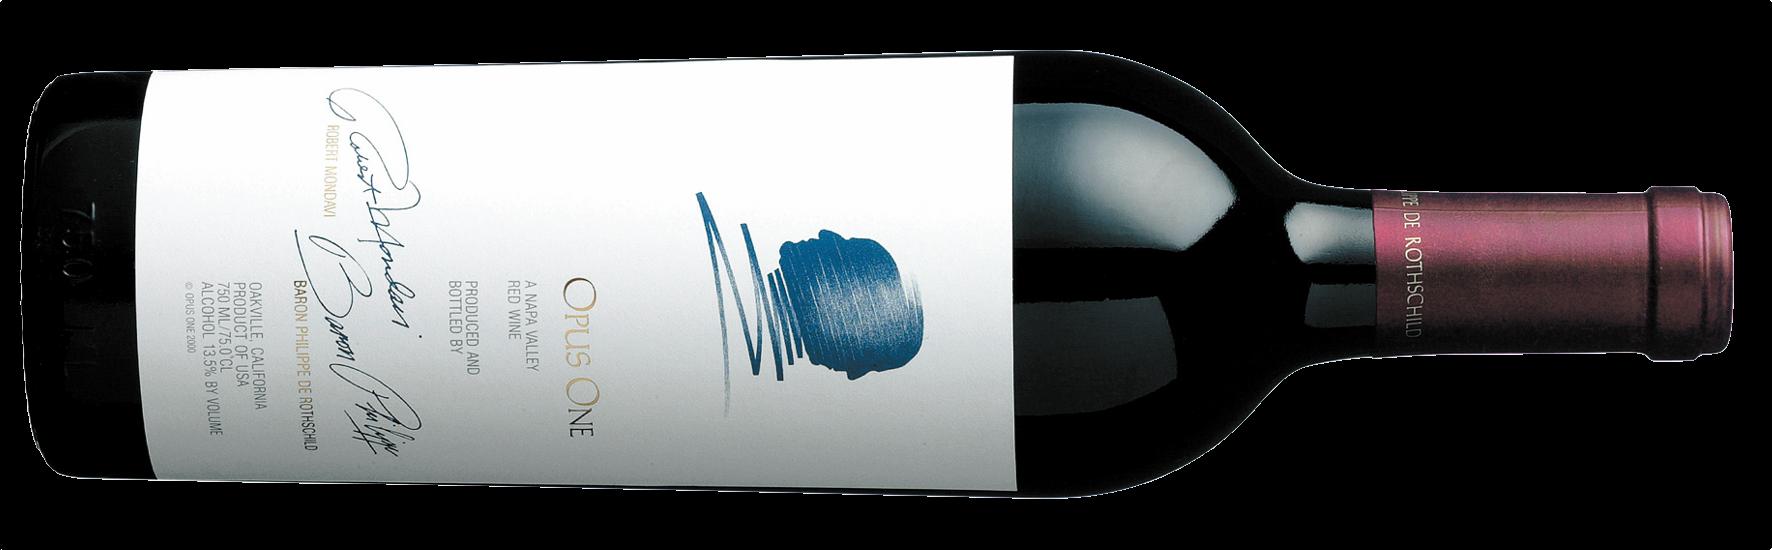 Neuer Release des Opus One 2014